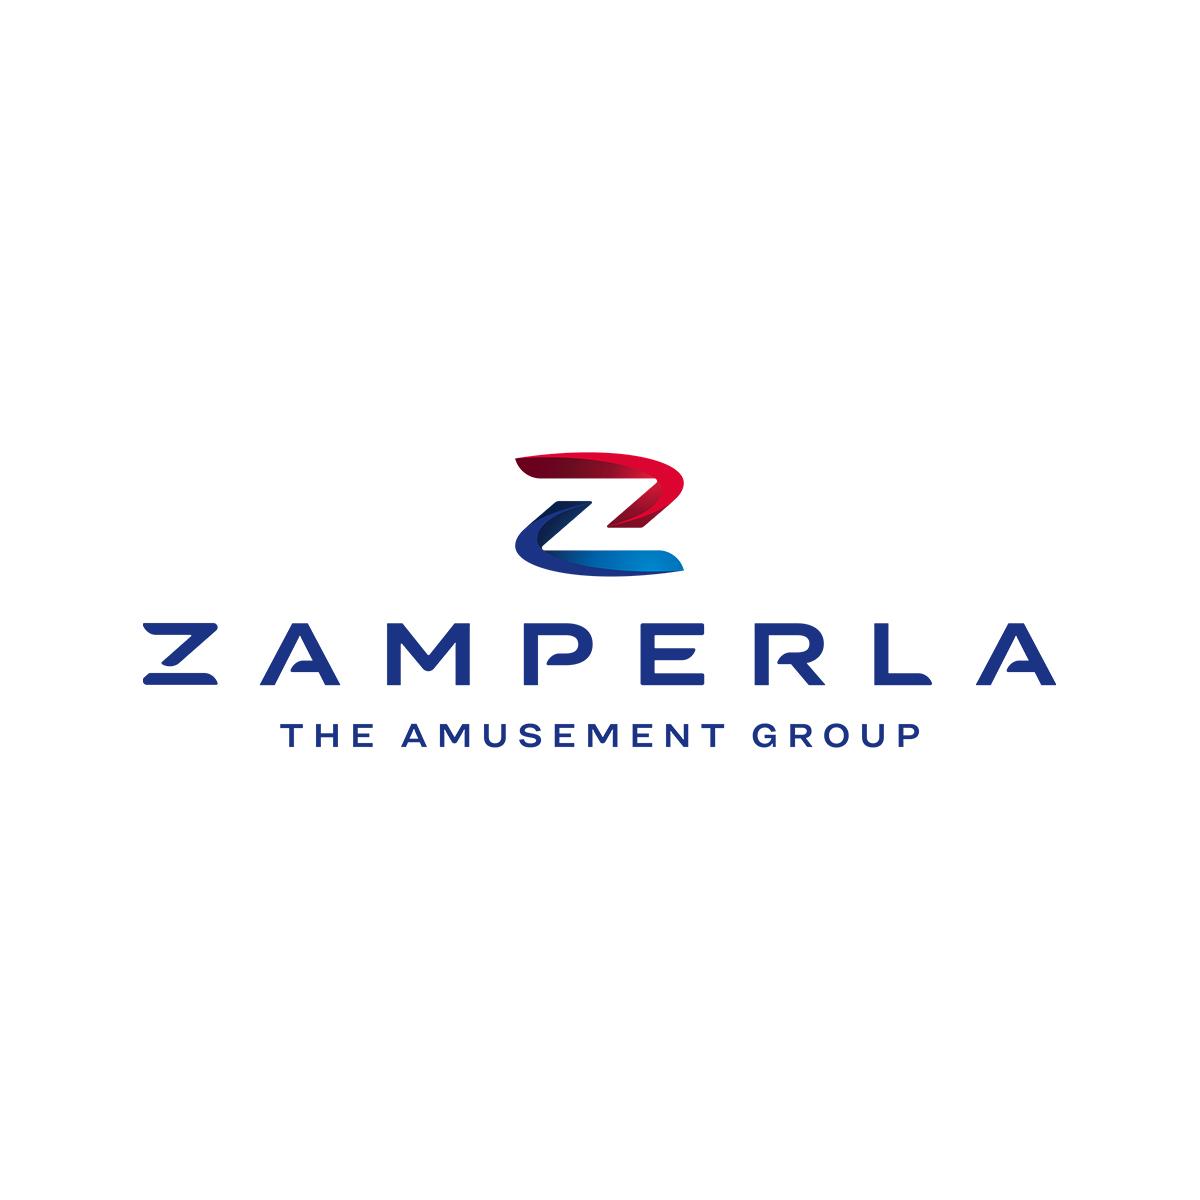 Zamperla logo